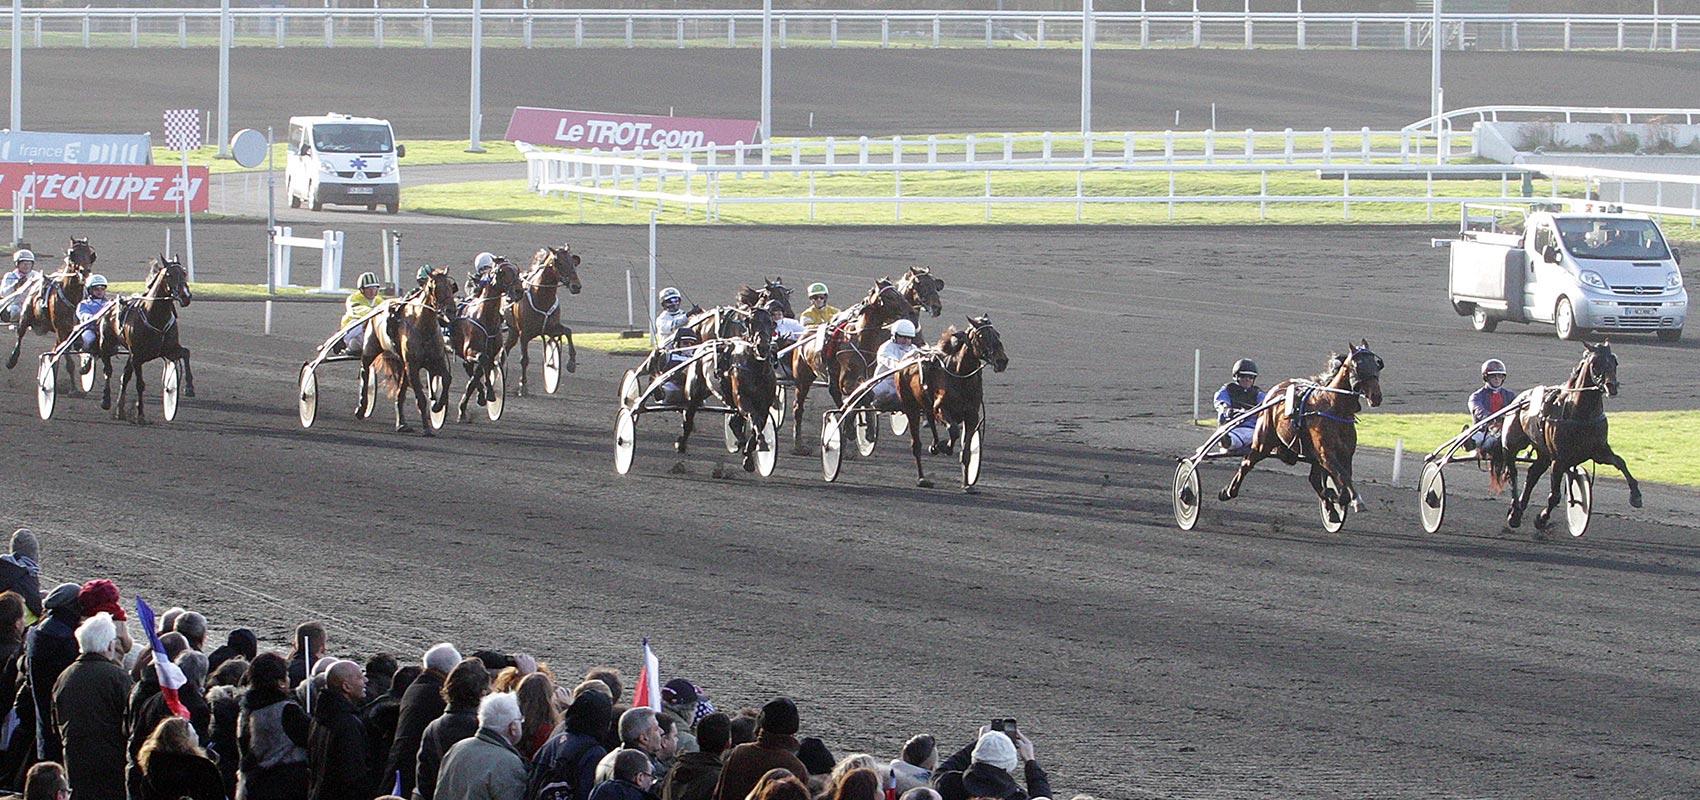 timoko prix de france speed race